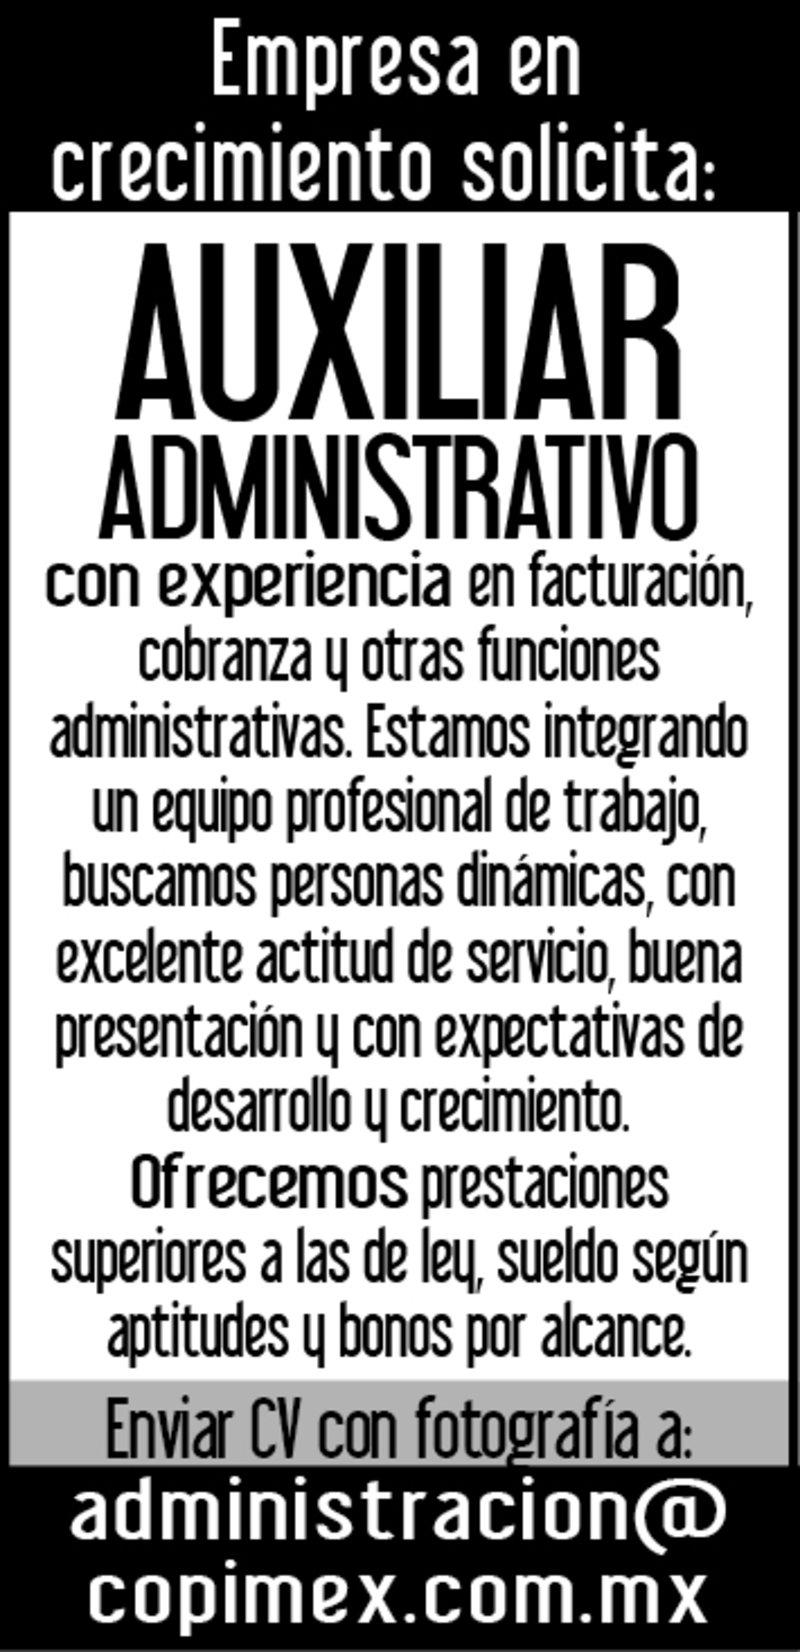 COPIMEX DE MONTERREY, SA. DE CV